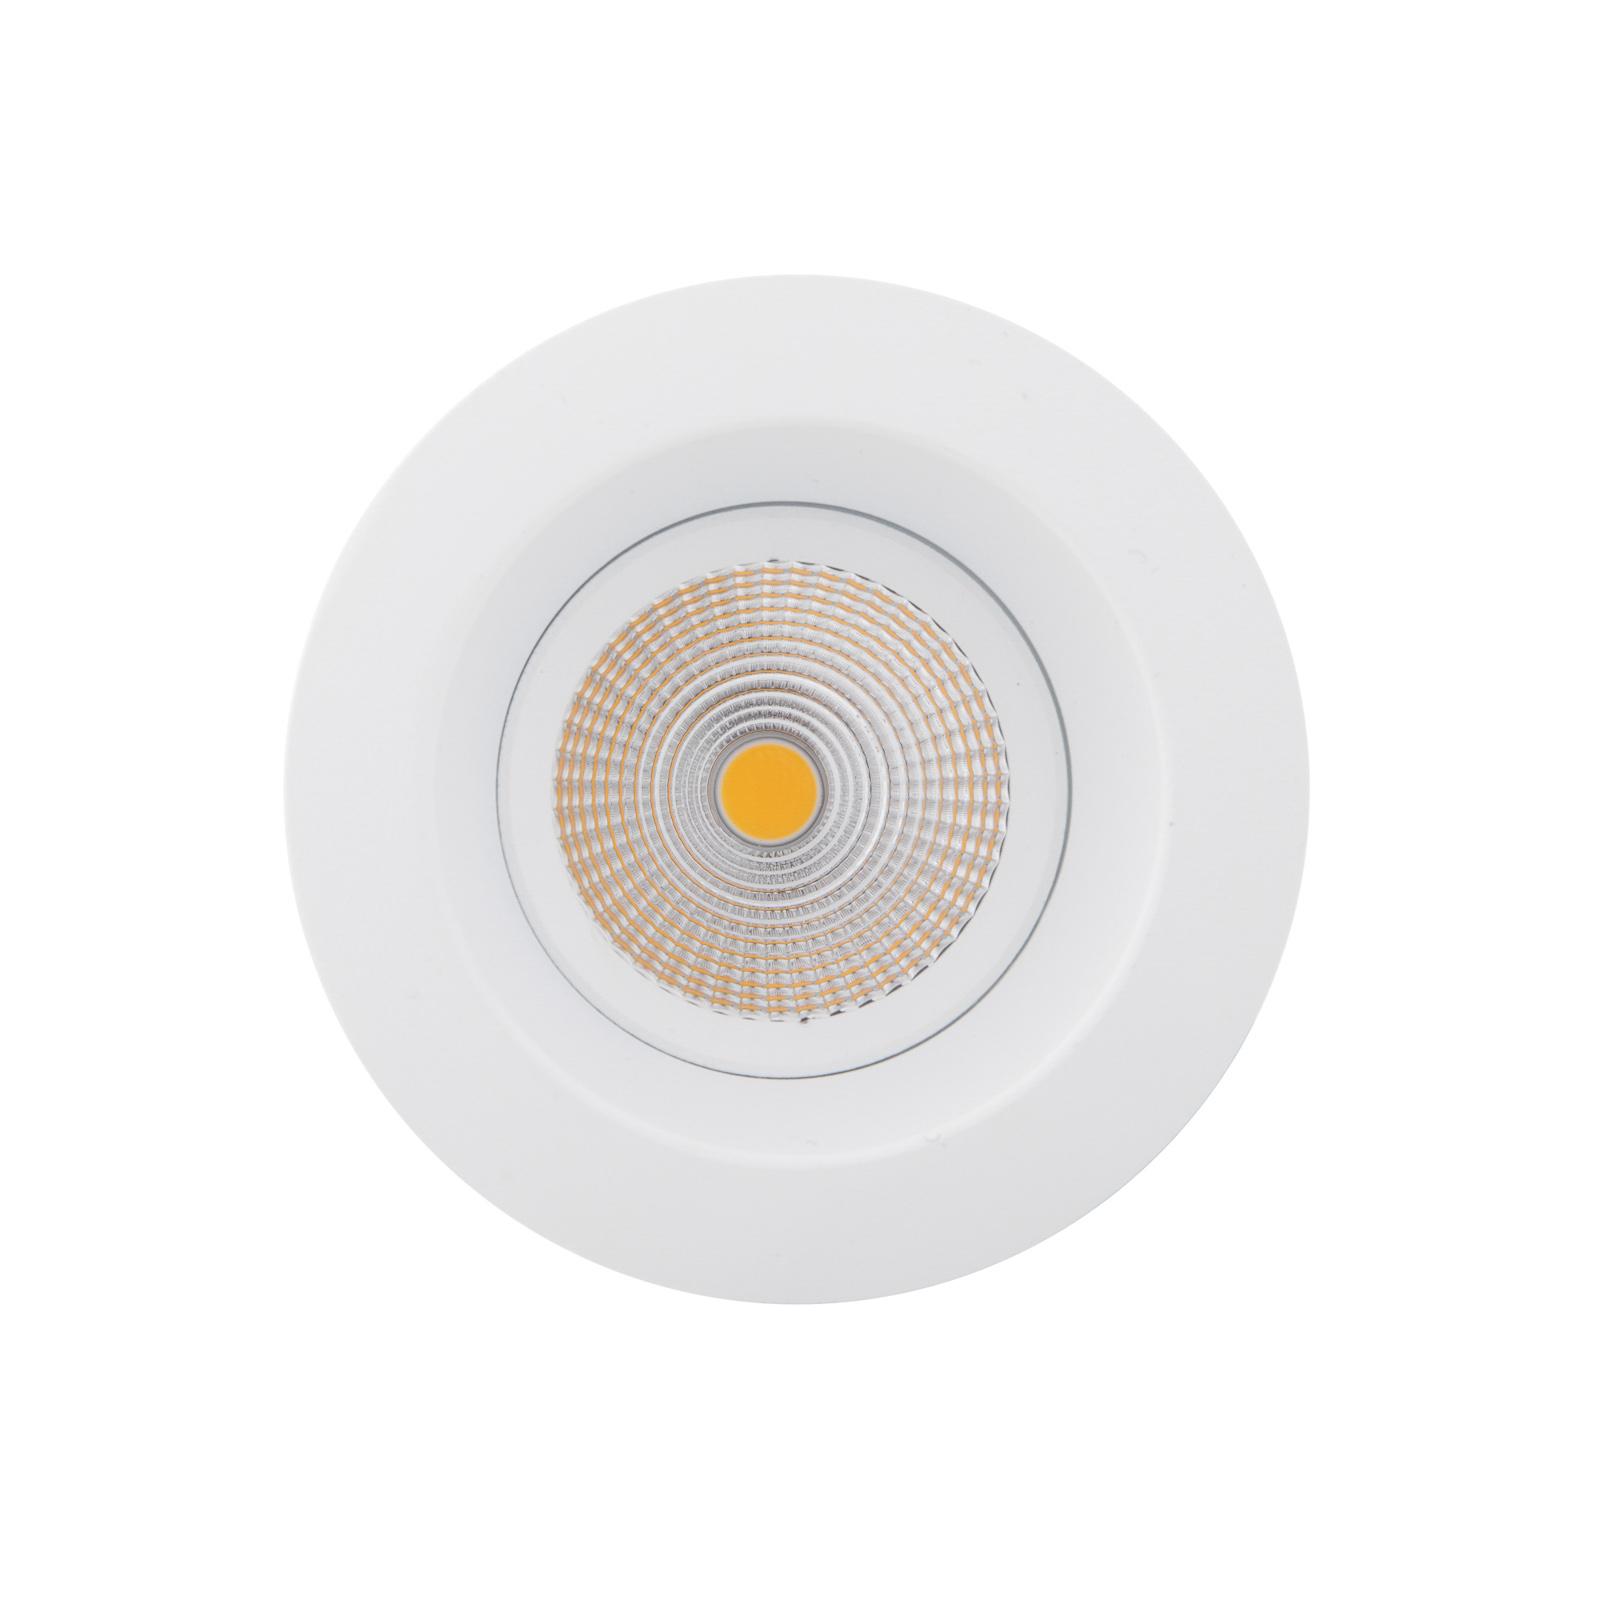 SLC One Soft LED inbouwspot dim-to-warm wit